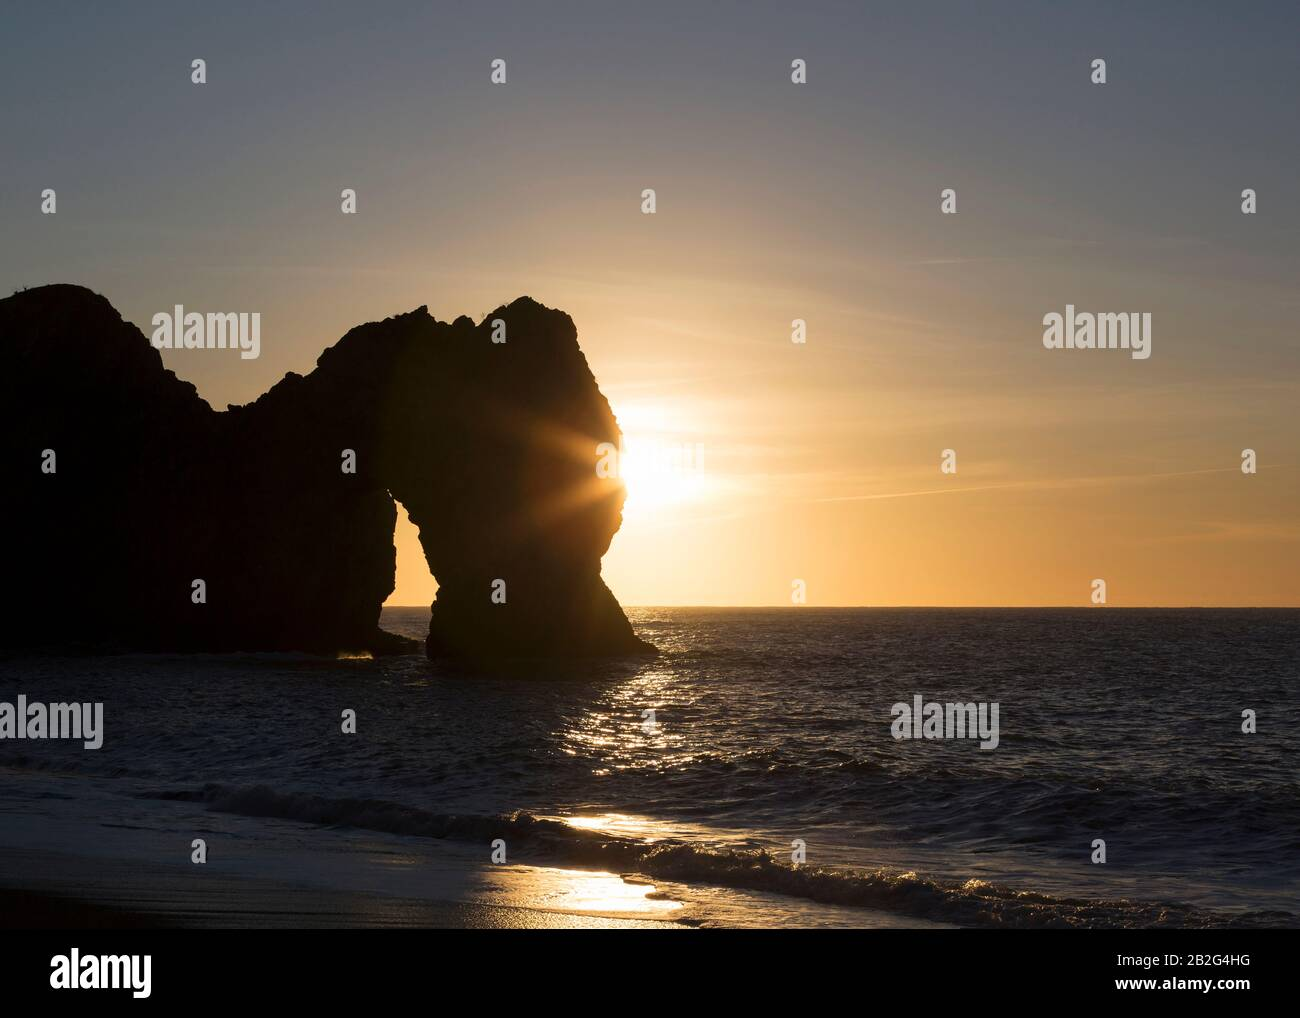 Alba sul mare, Durdle Door, Jurassic Coast, Dorset, Inghilterra, Regno Unito Foto Stock